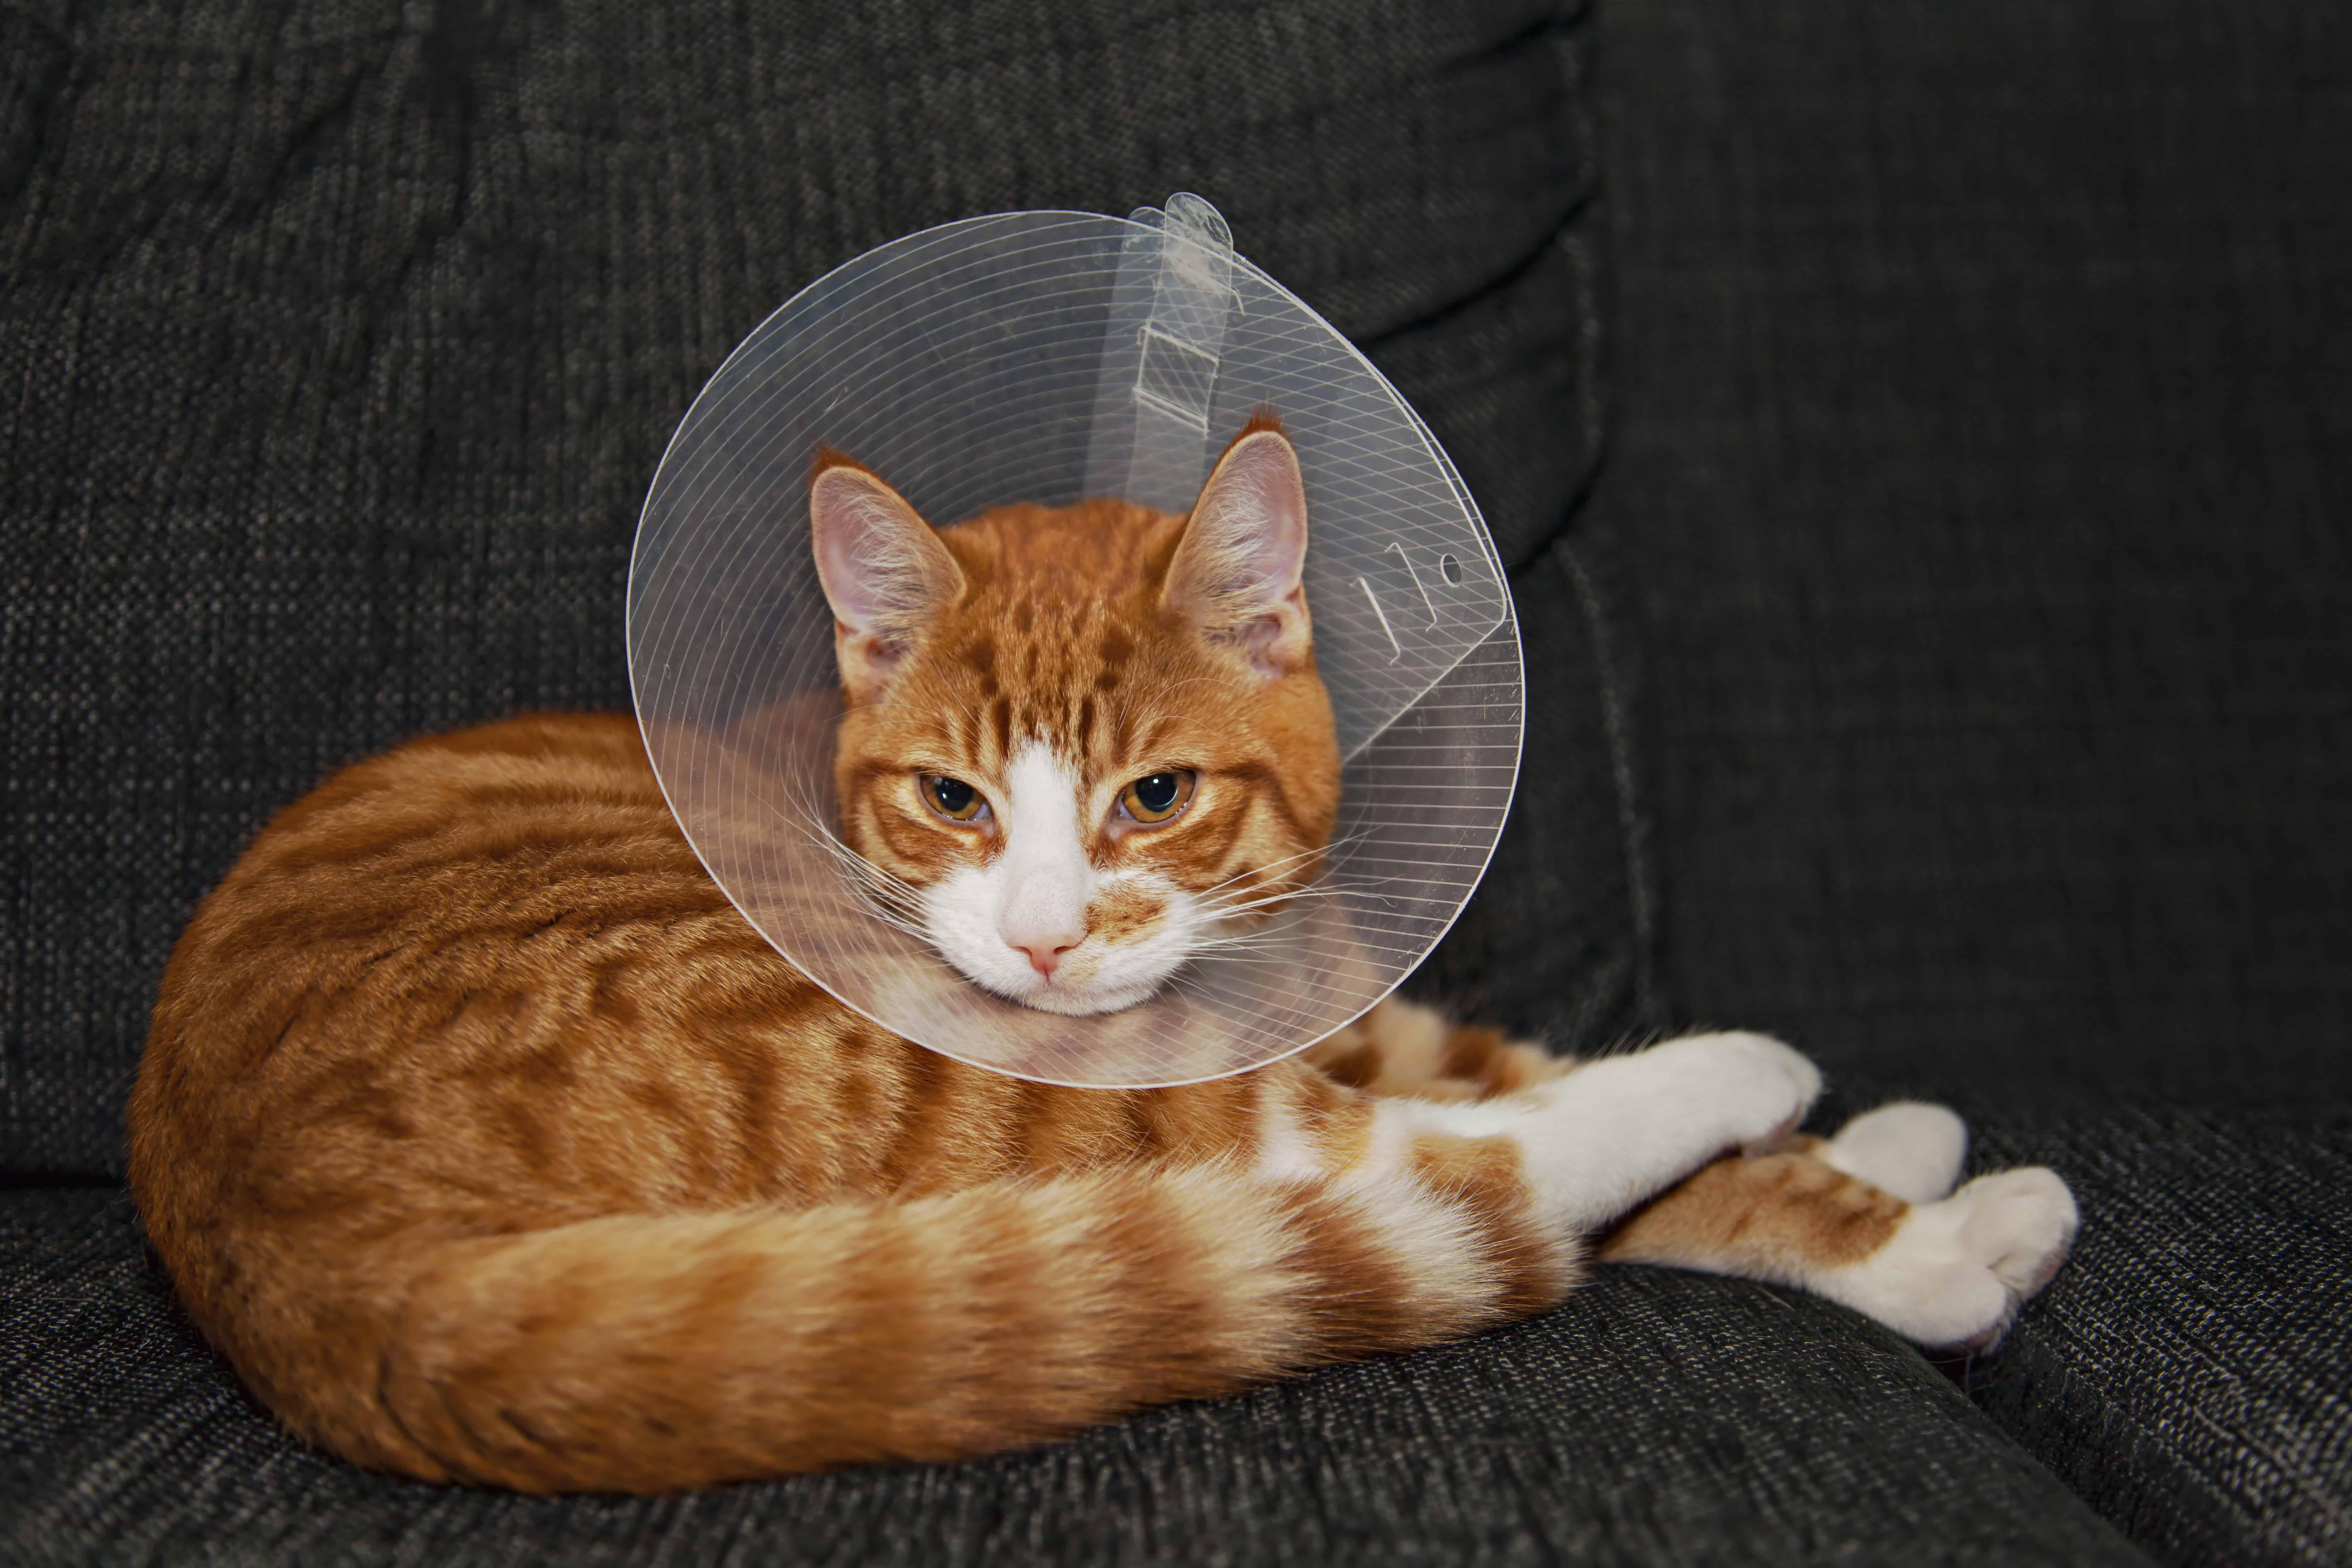 Cat in a shame cone